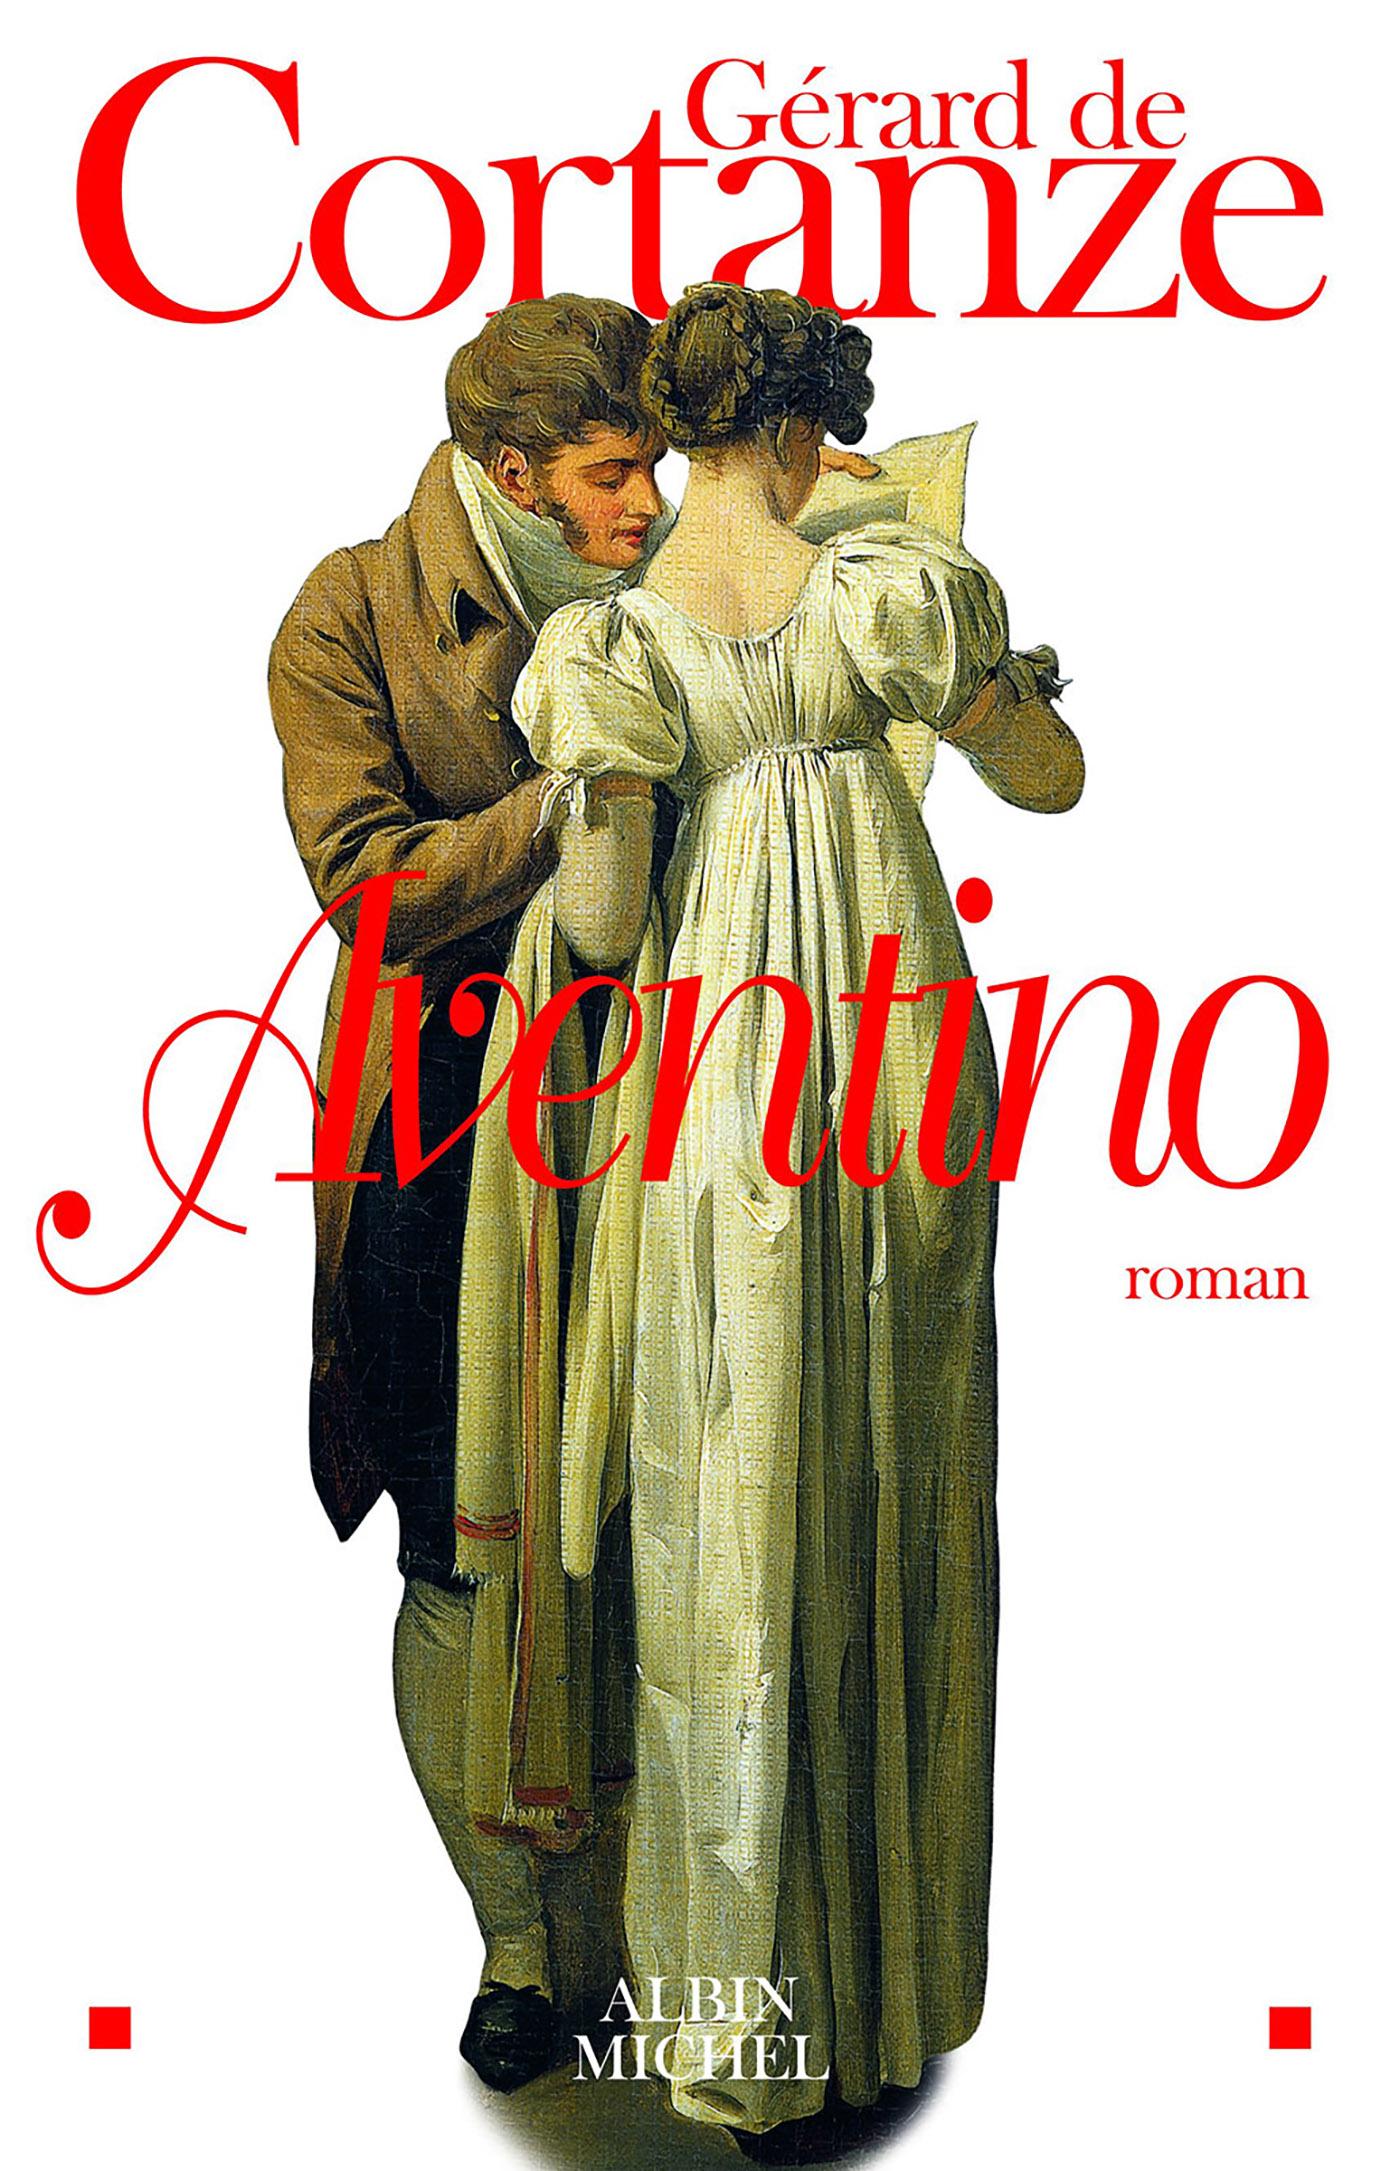 Aventino | Cortanze, Gérard de. Auteur